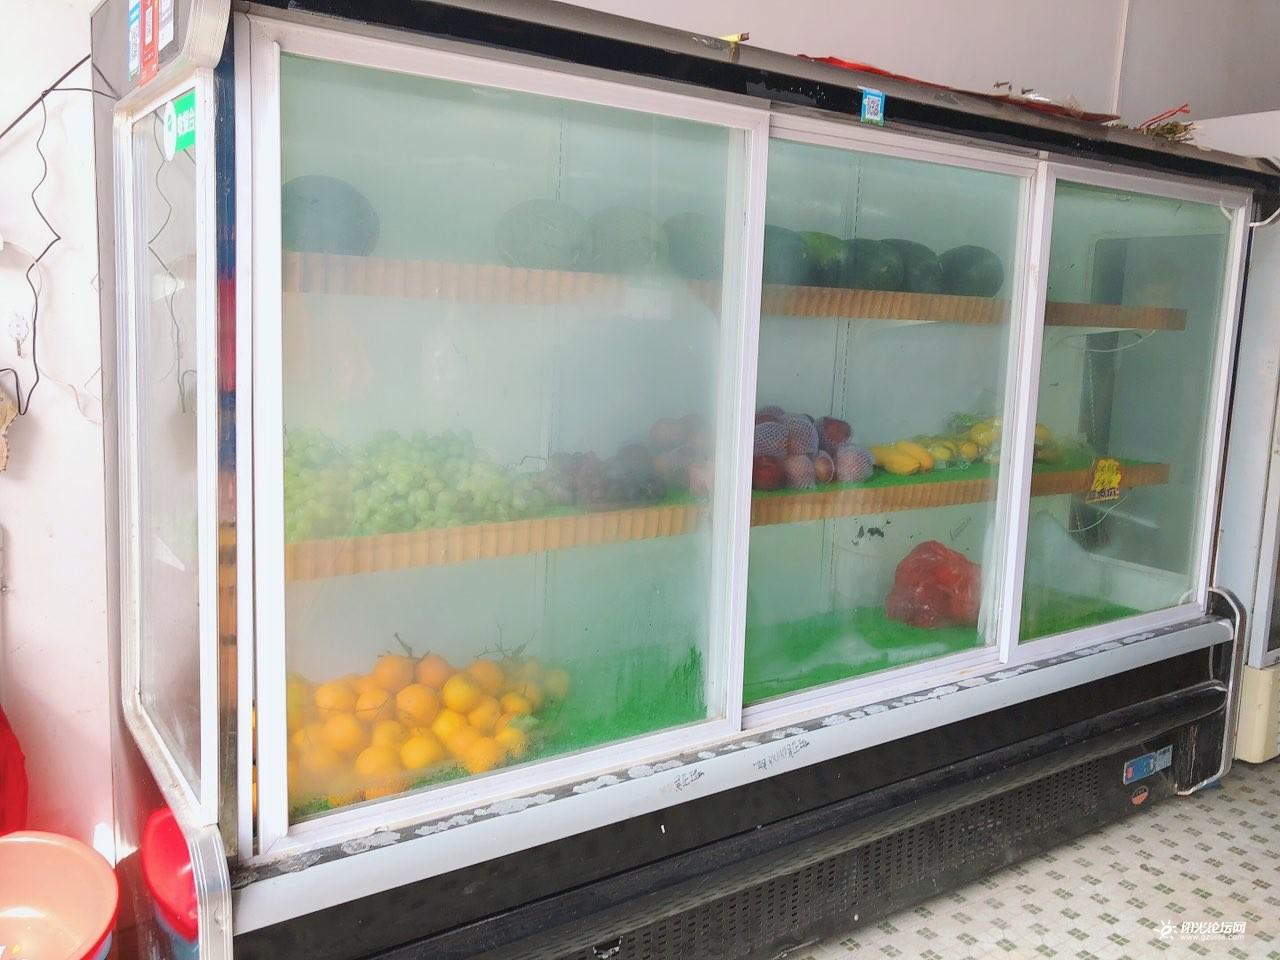 想升级店铺,故转2.7米展柜冷柜(价钱适合都卖了)图1